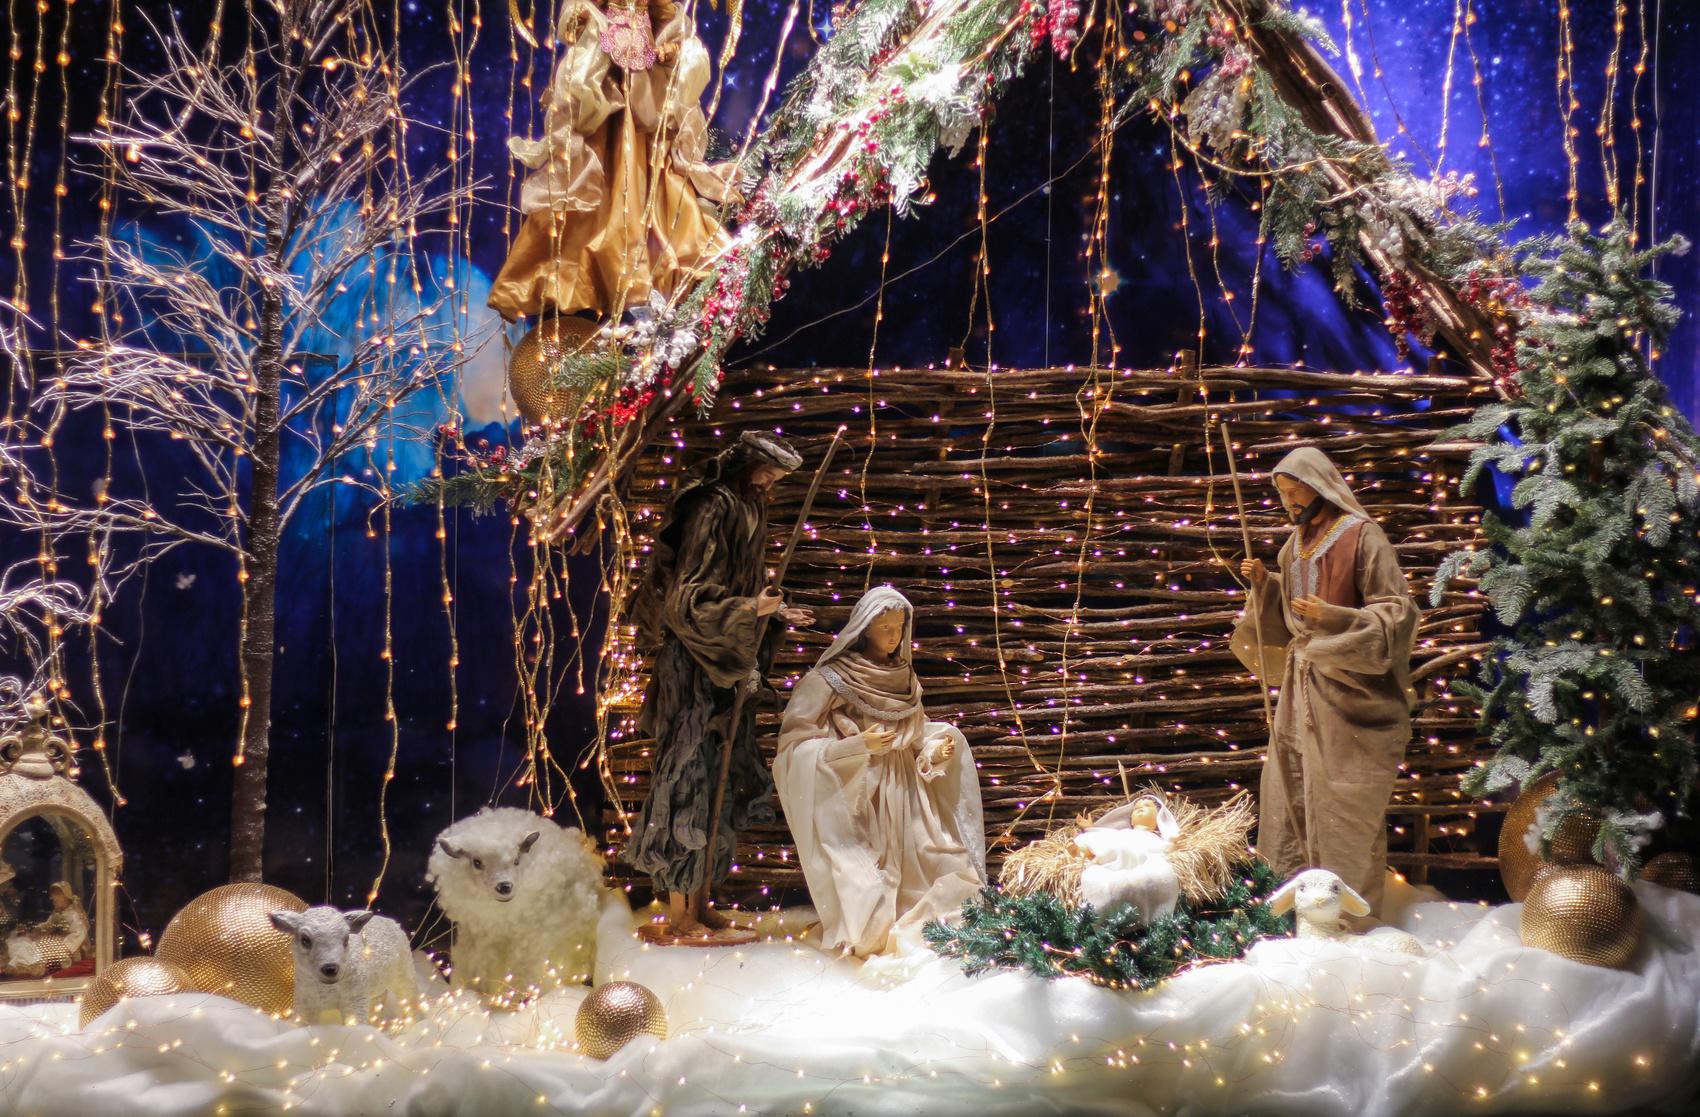 Boże Narodzenie ad 2020